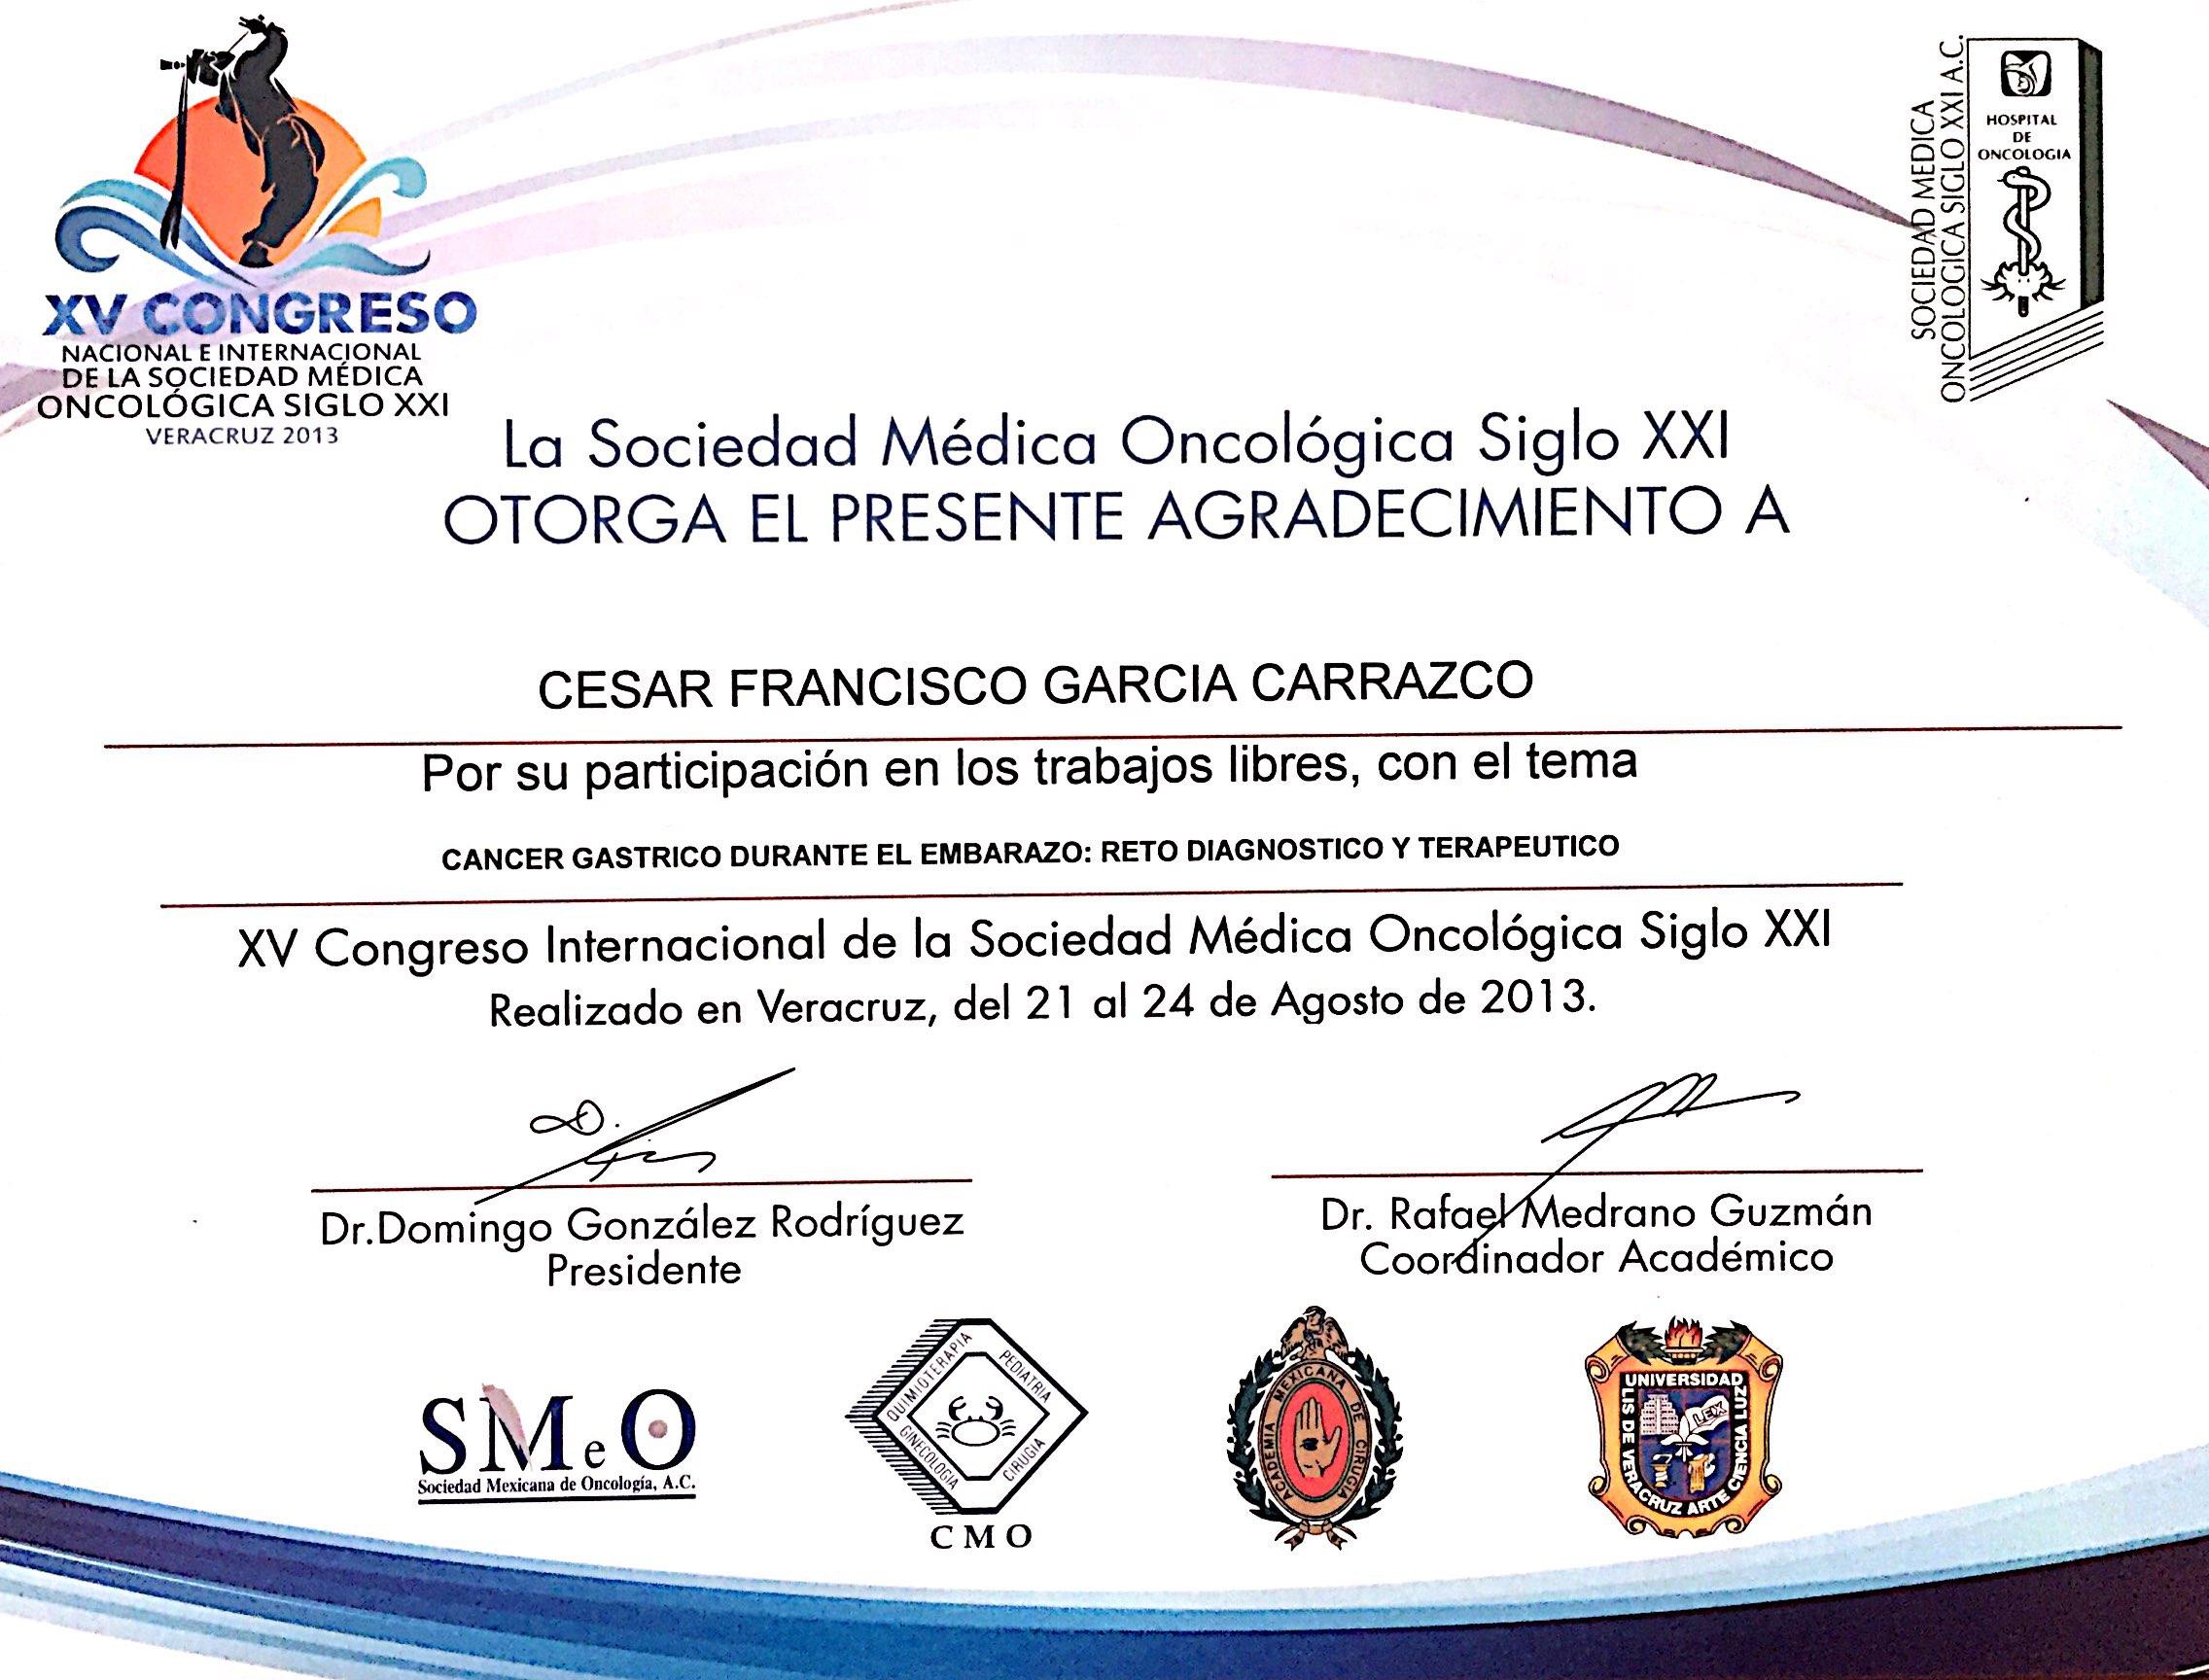 Dr. Garcia Carrazco_52